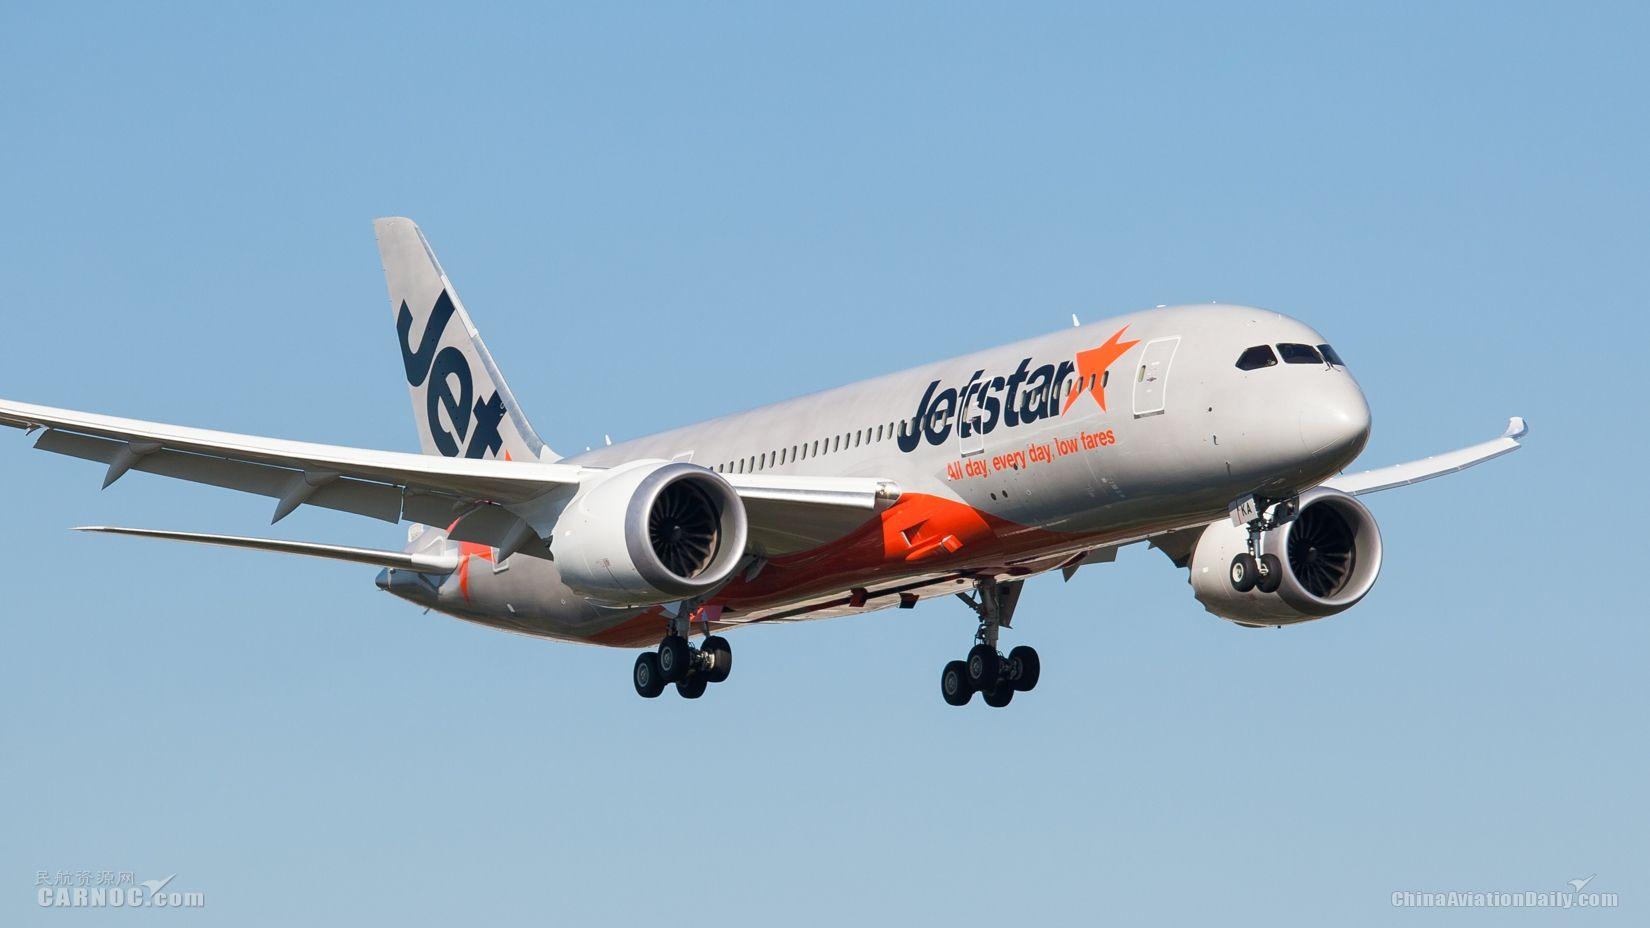 捷星航空将开通澳大利亚首条直飞韩国的低票价航线